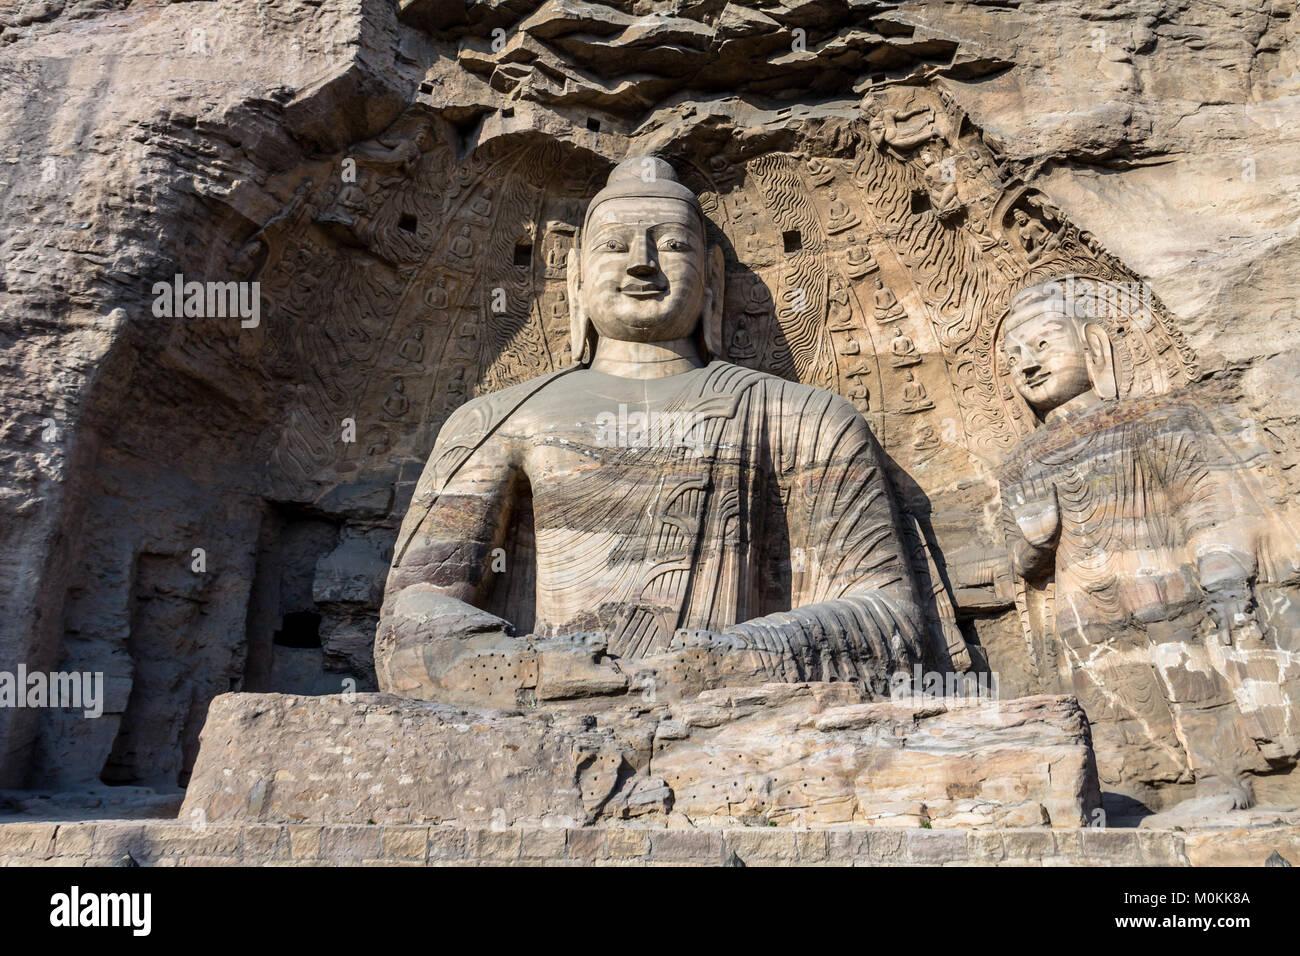 Buddha statue at Yungang grottoes in datong, Shanxi province, China - Stock Image